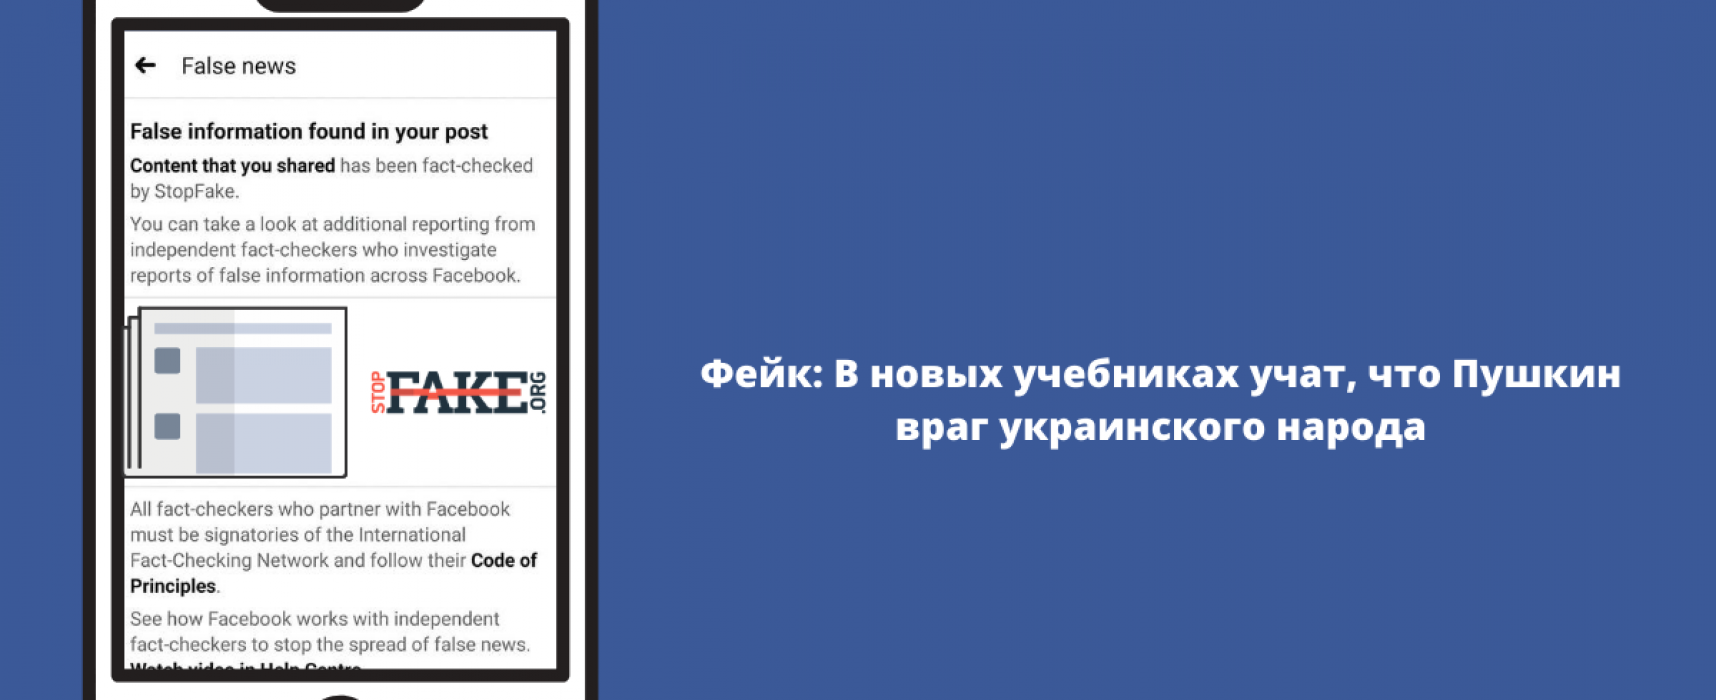 Фейк: В новых учебниках учат, что Пушкин враг украинского народа